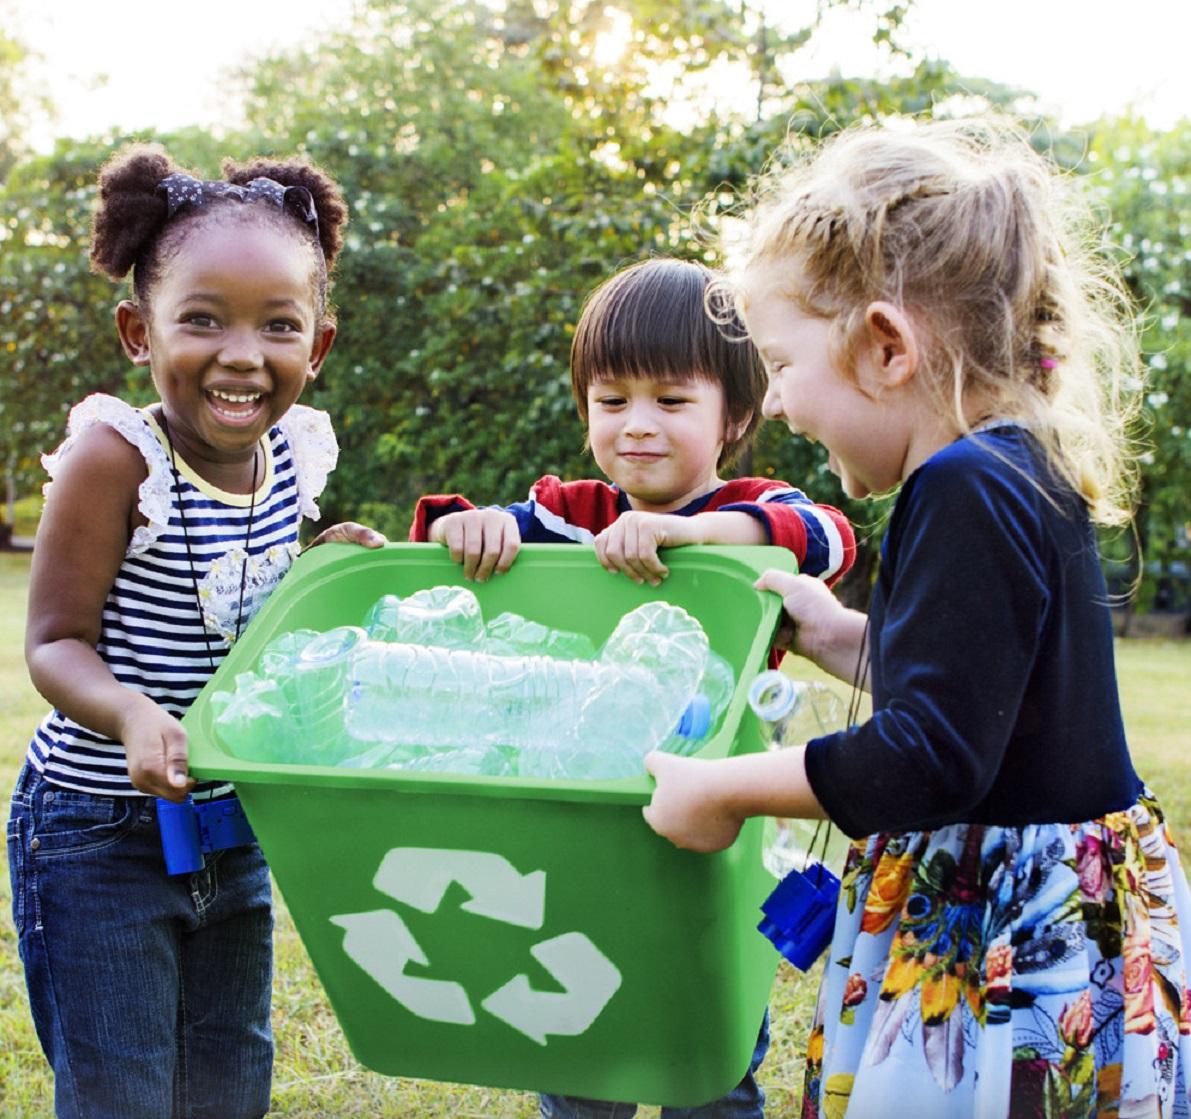 Cuidados del medio ambiente para niños